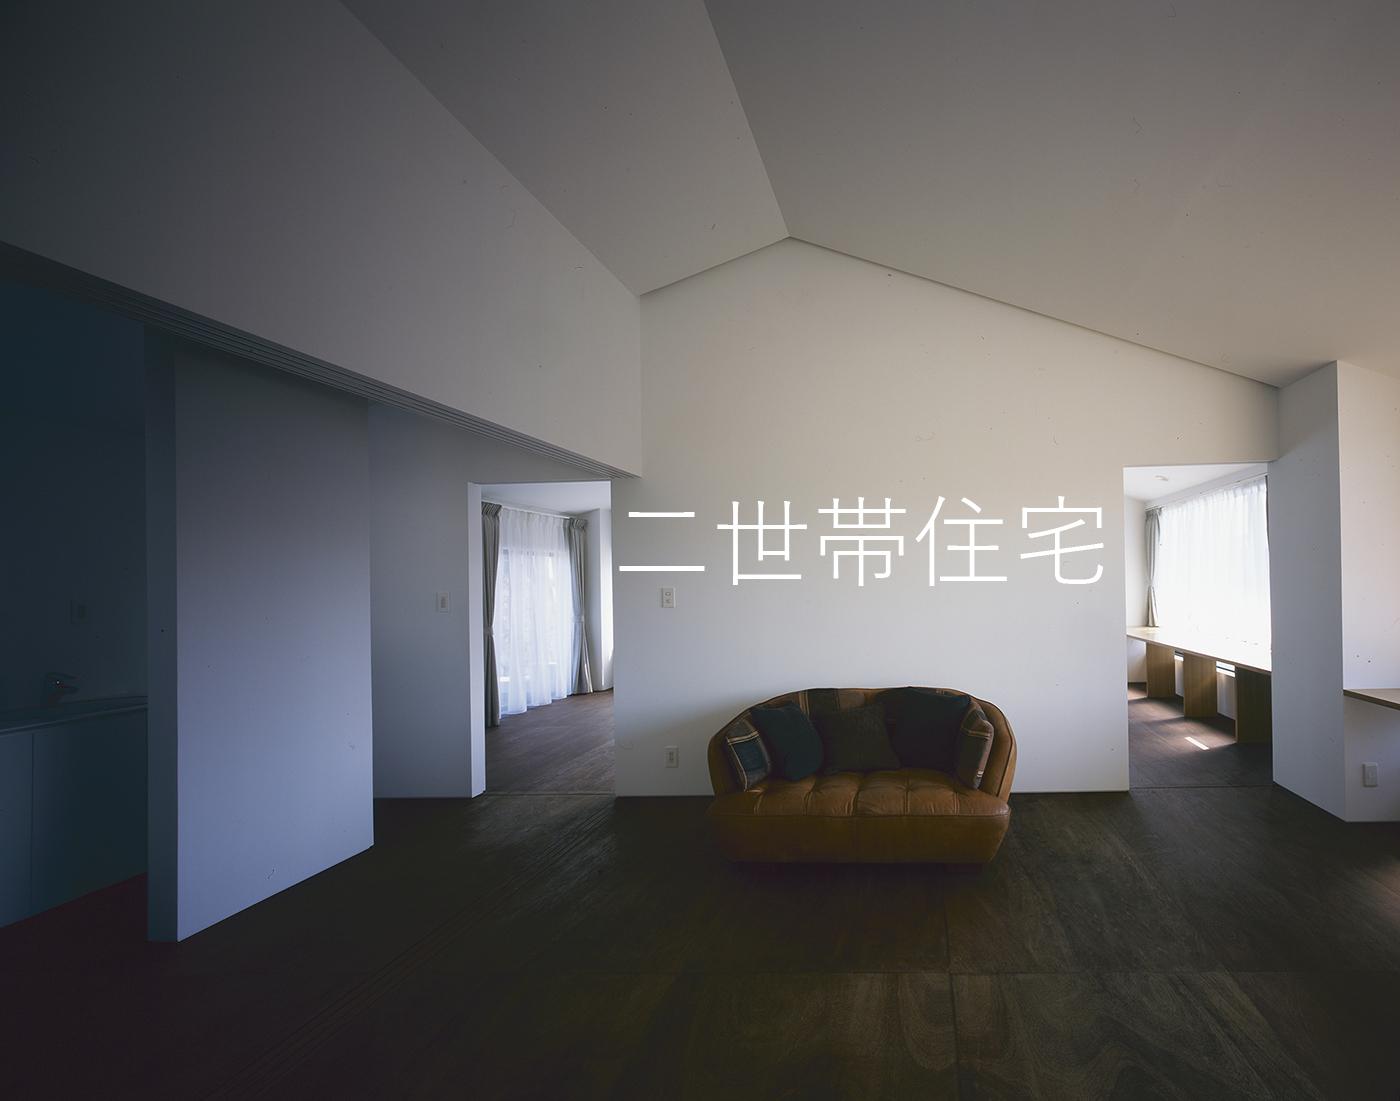 二世帯住宅[設計事務所が考える、建築家がデザインする、住宅/建築]